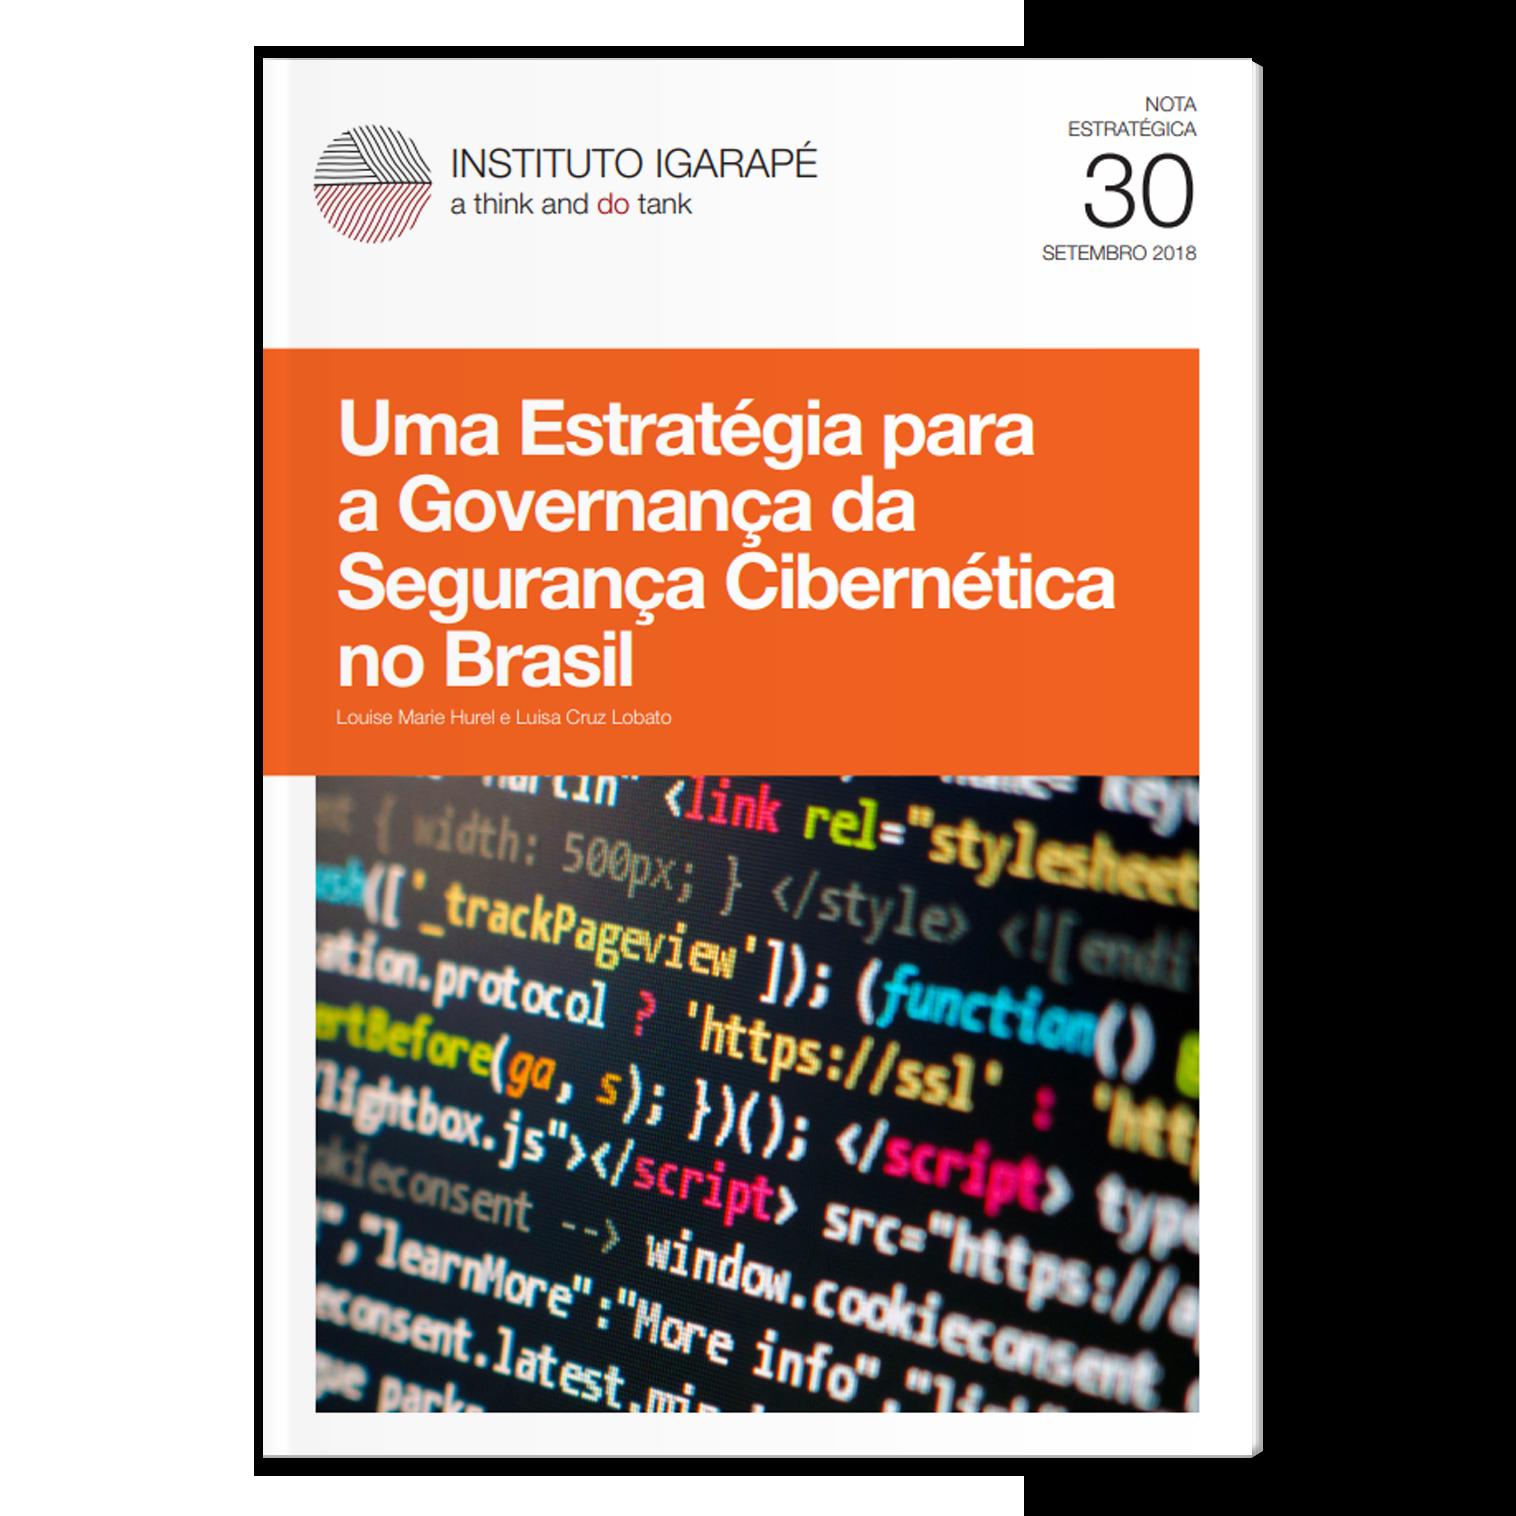 NE30 estratégia para a governança da segurança cibernética